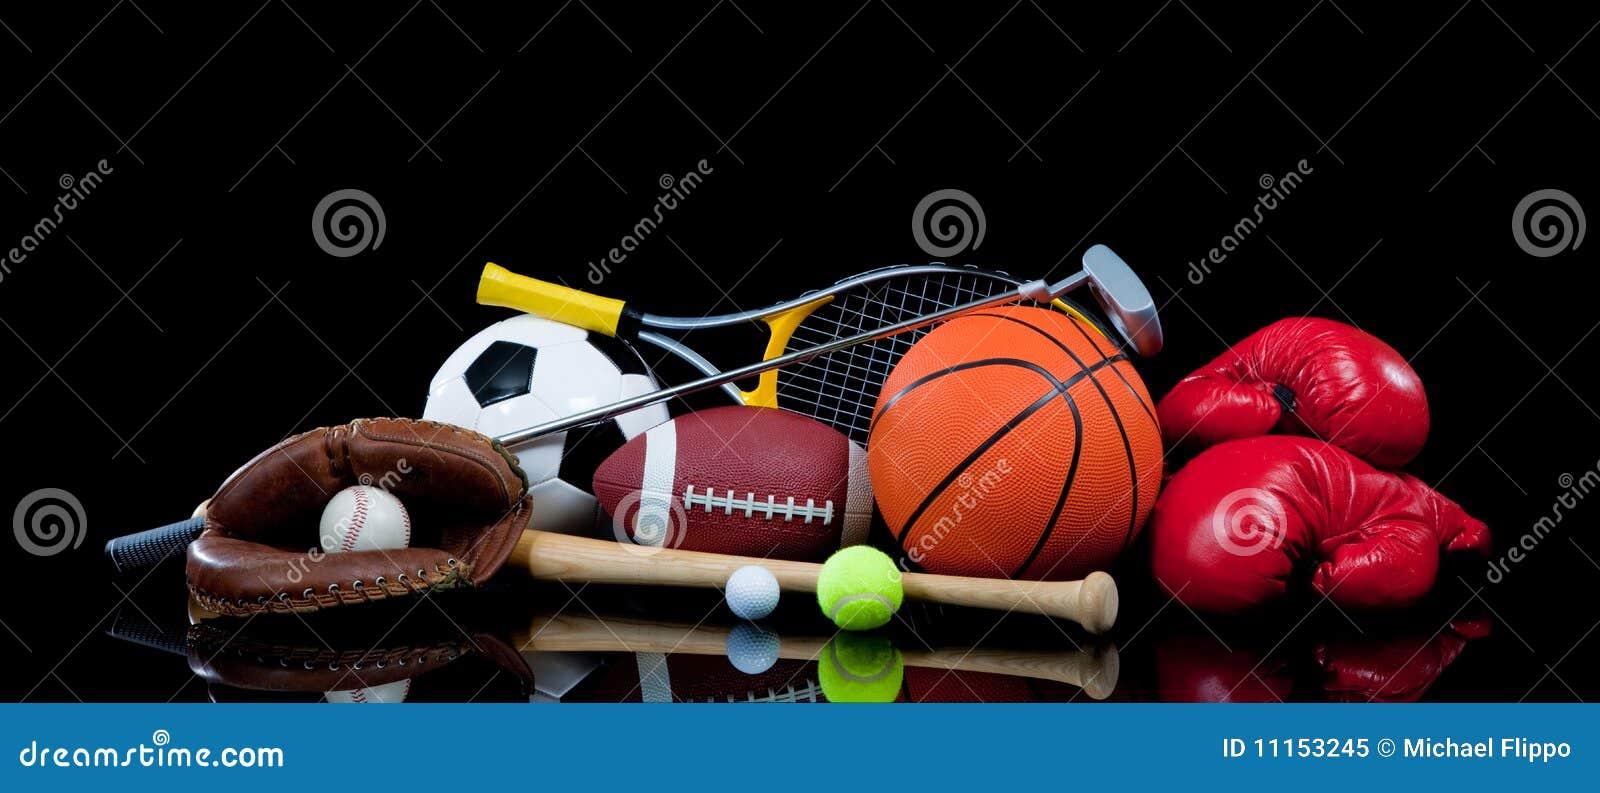 Equipo de deportes clasificado en negro